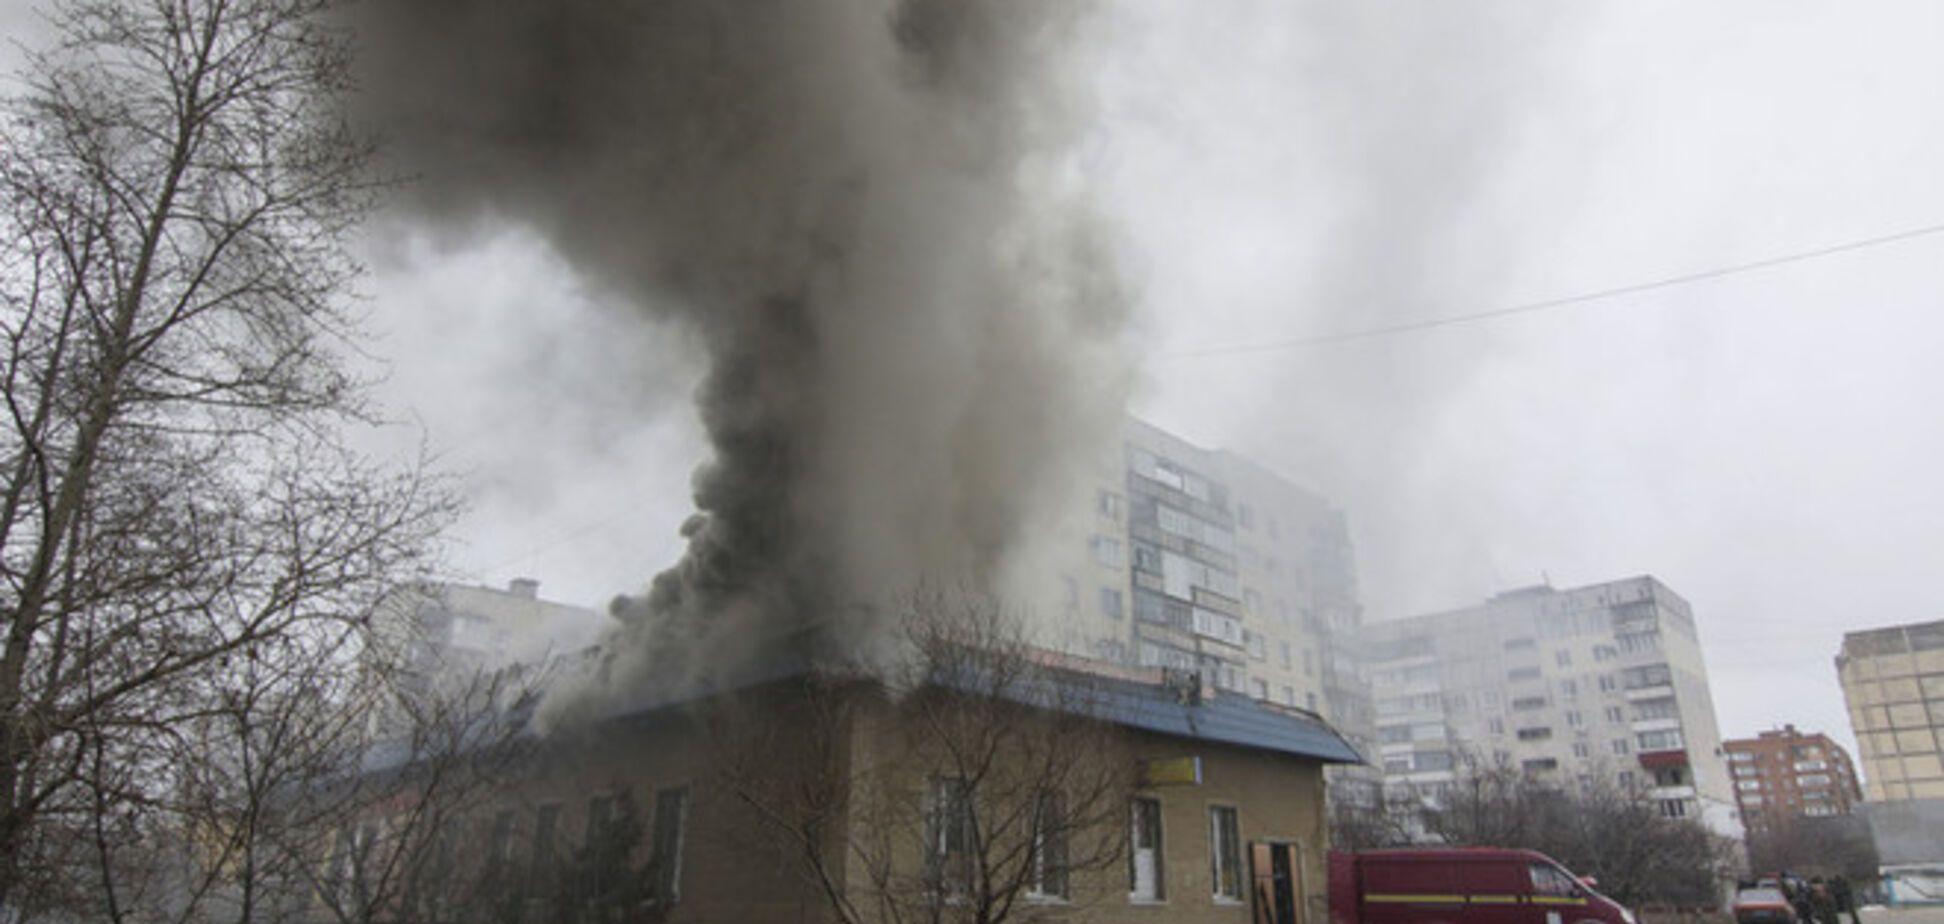 Силы АТО уничтожили 4 установки 'Град', из которых террористы обстреляли Мариуполь